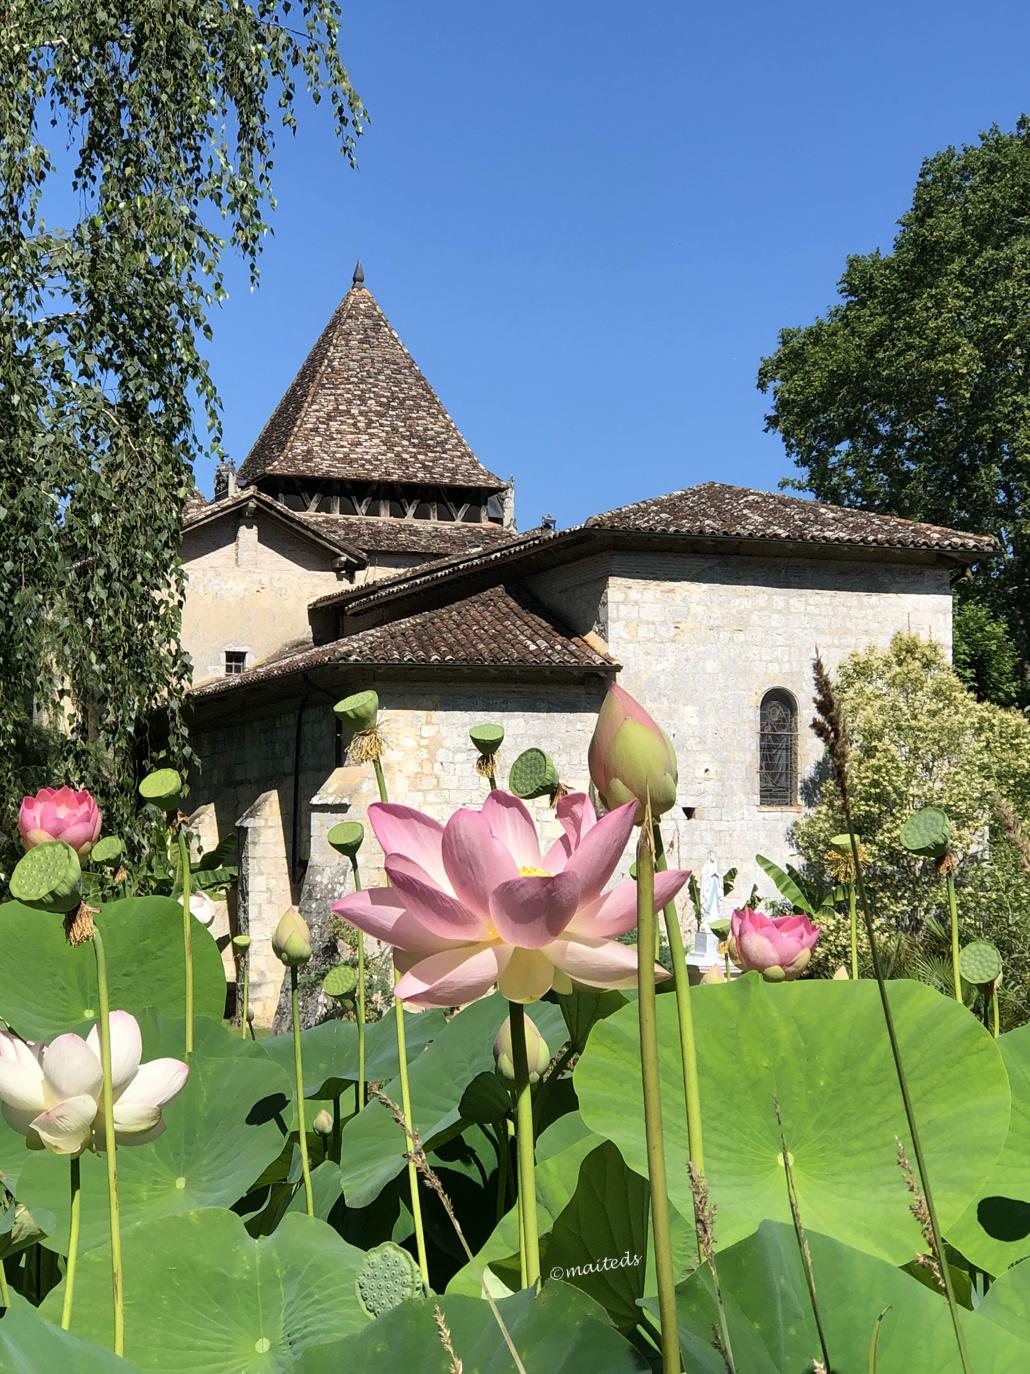 Les lotus de Barbotan-les-Thermes (32)